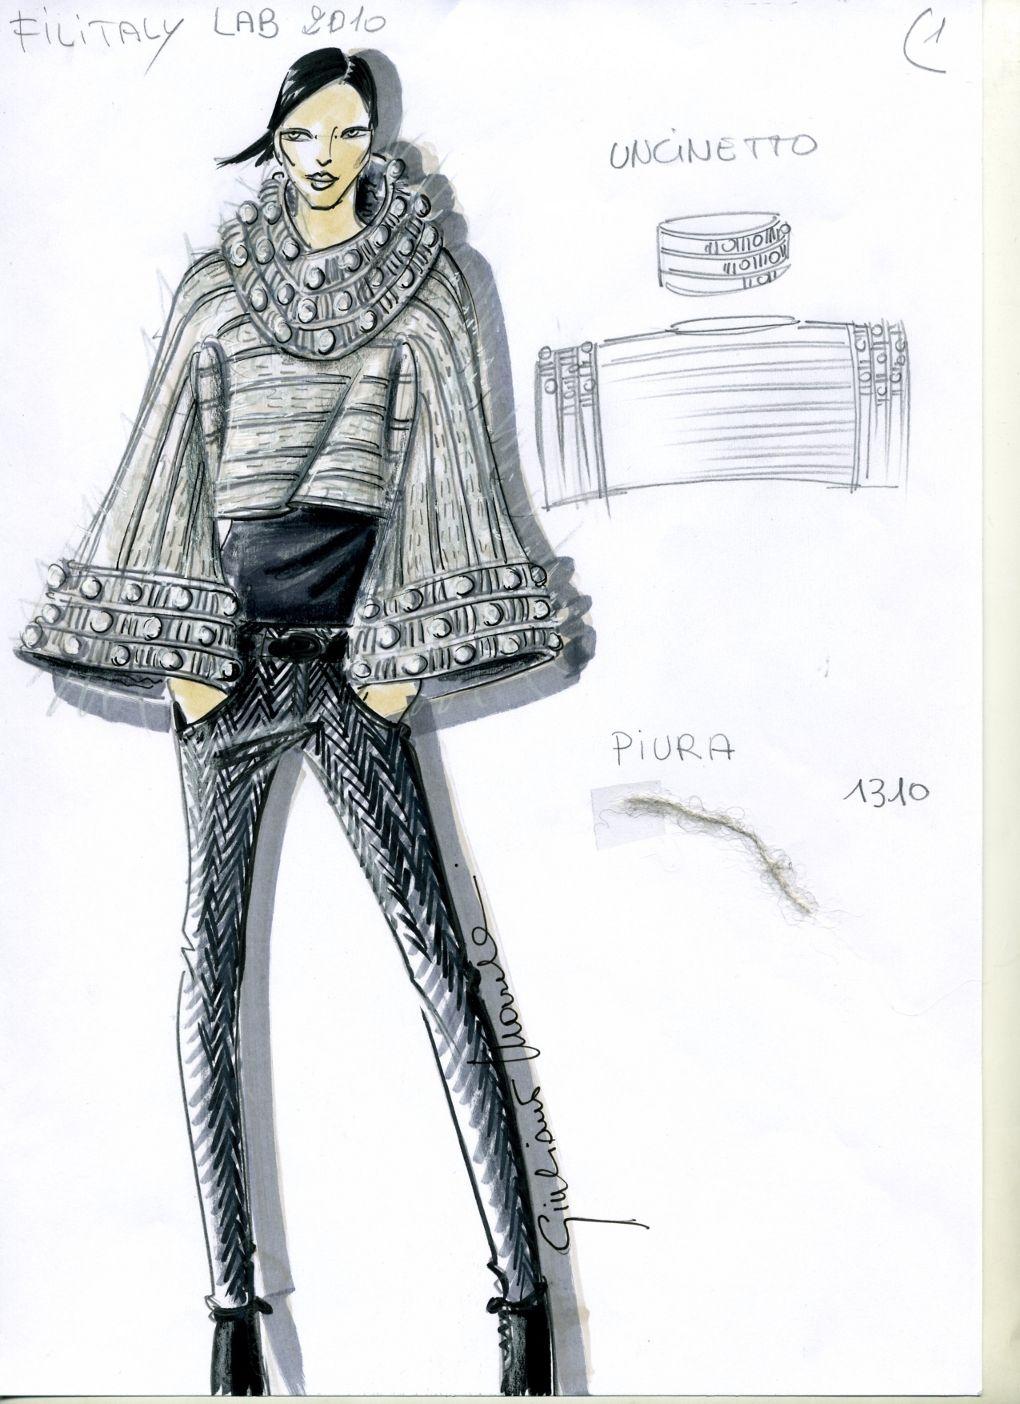 filitaly2010-001 | Giusy e giuliano marelli | Pinterest | Octubre ...